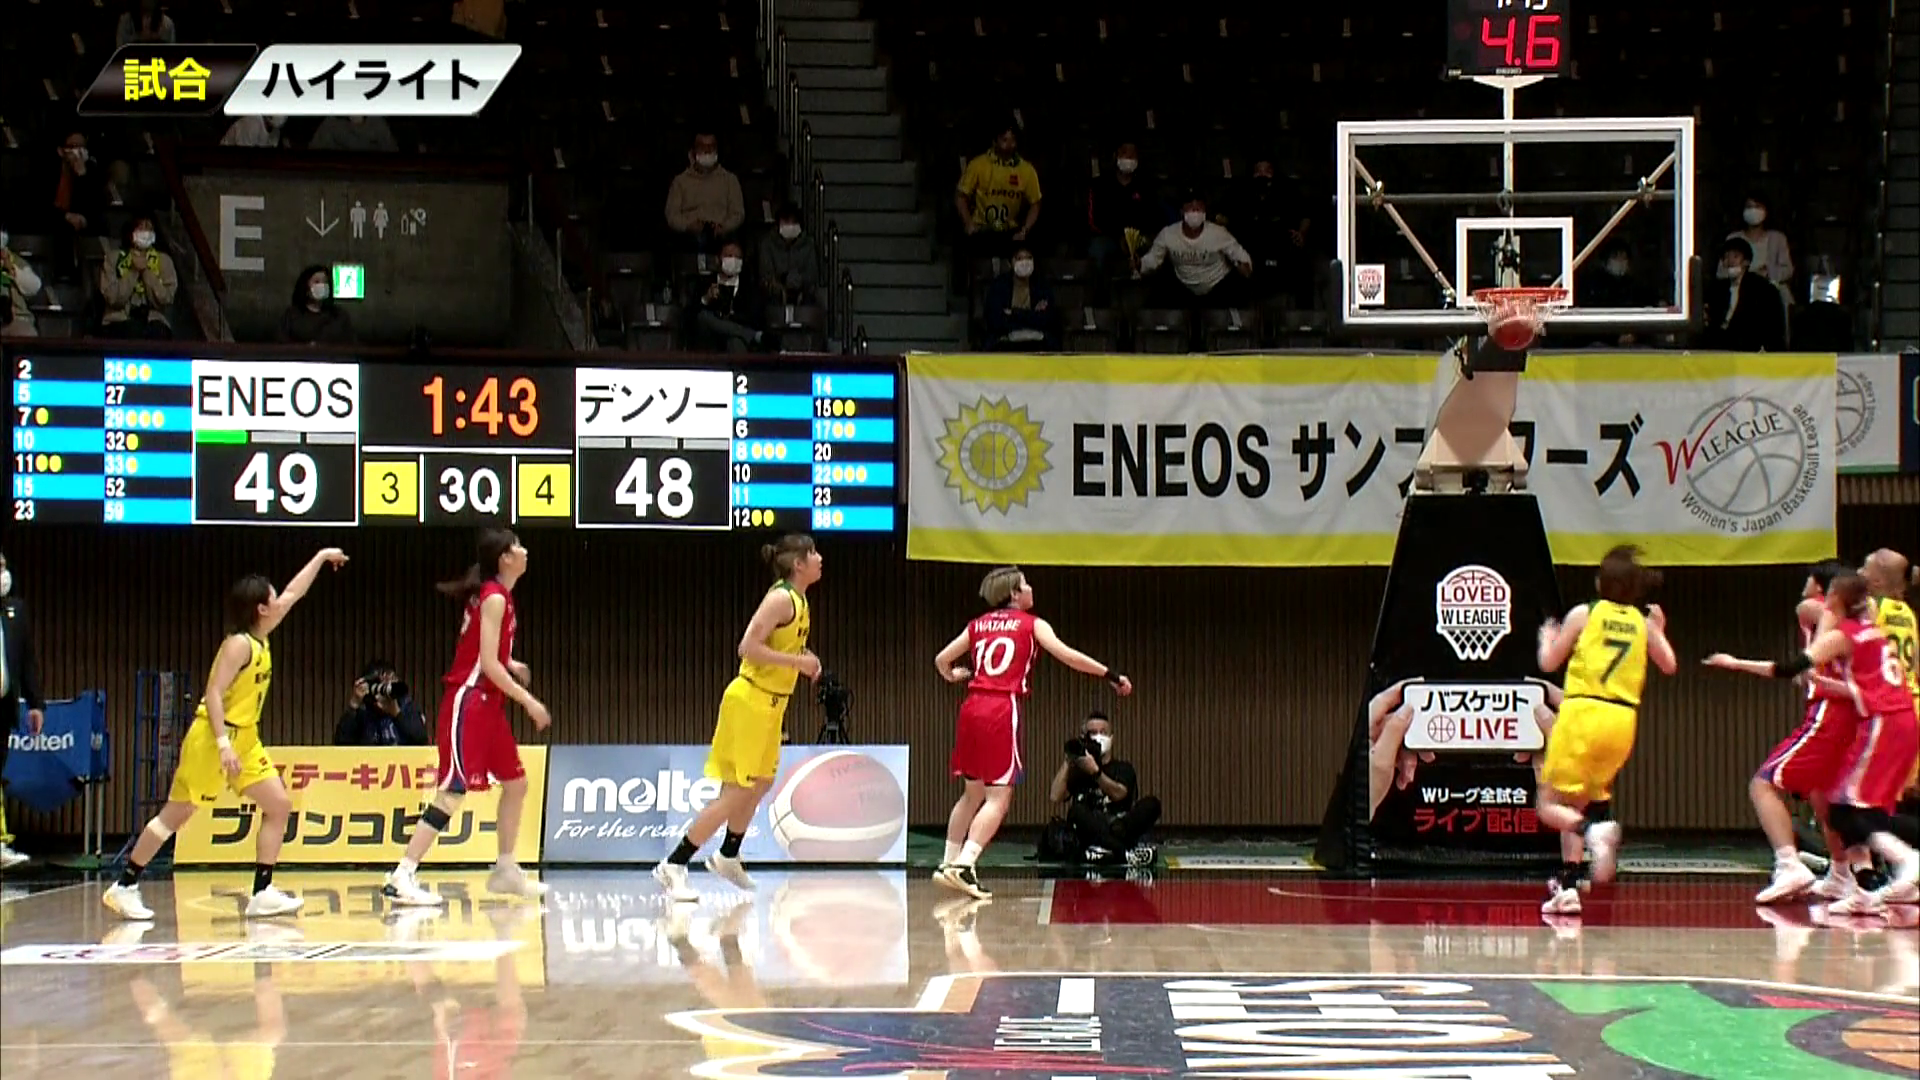 【女子バスケ Wリーグ】3/15 ENEOS vs デンソー(第22回Wリーグプレーオフ SF Game2)